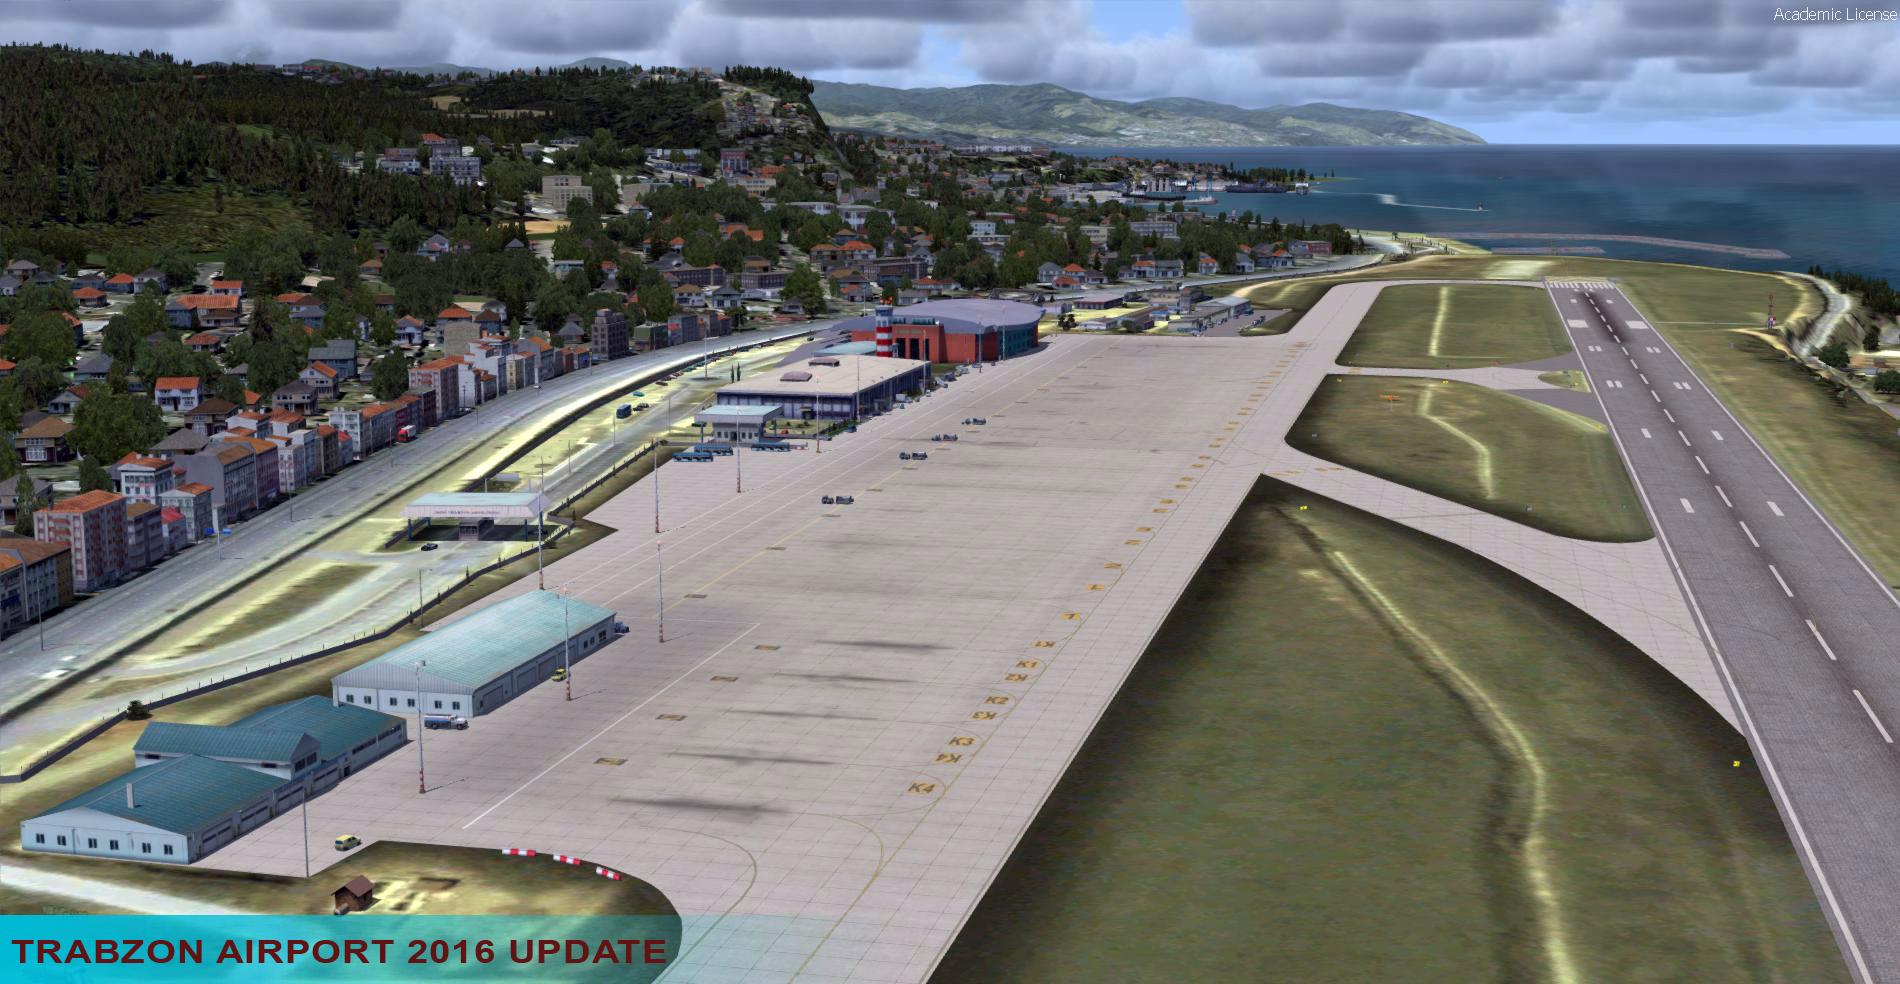 Trabzon Airport (LTCG) Scenery - SceneryTR